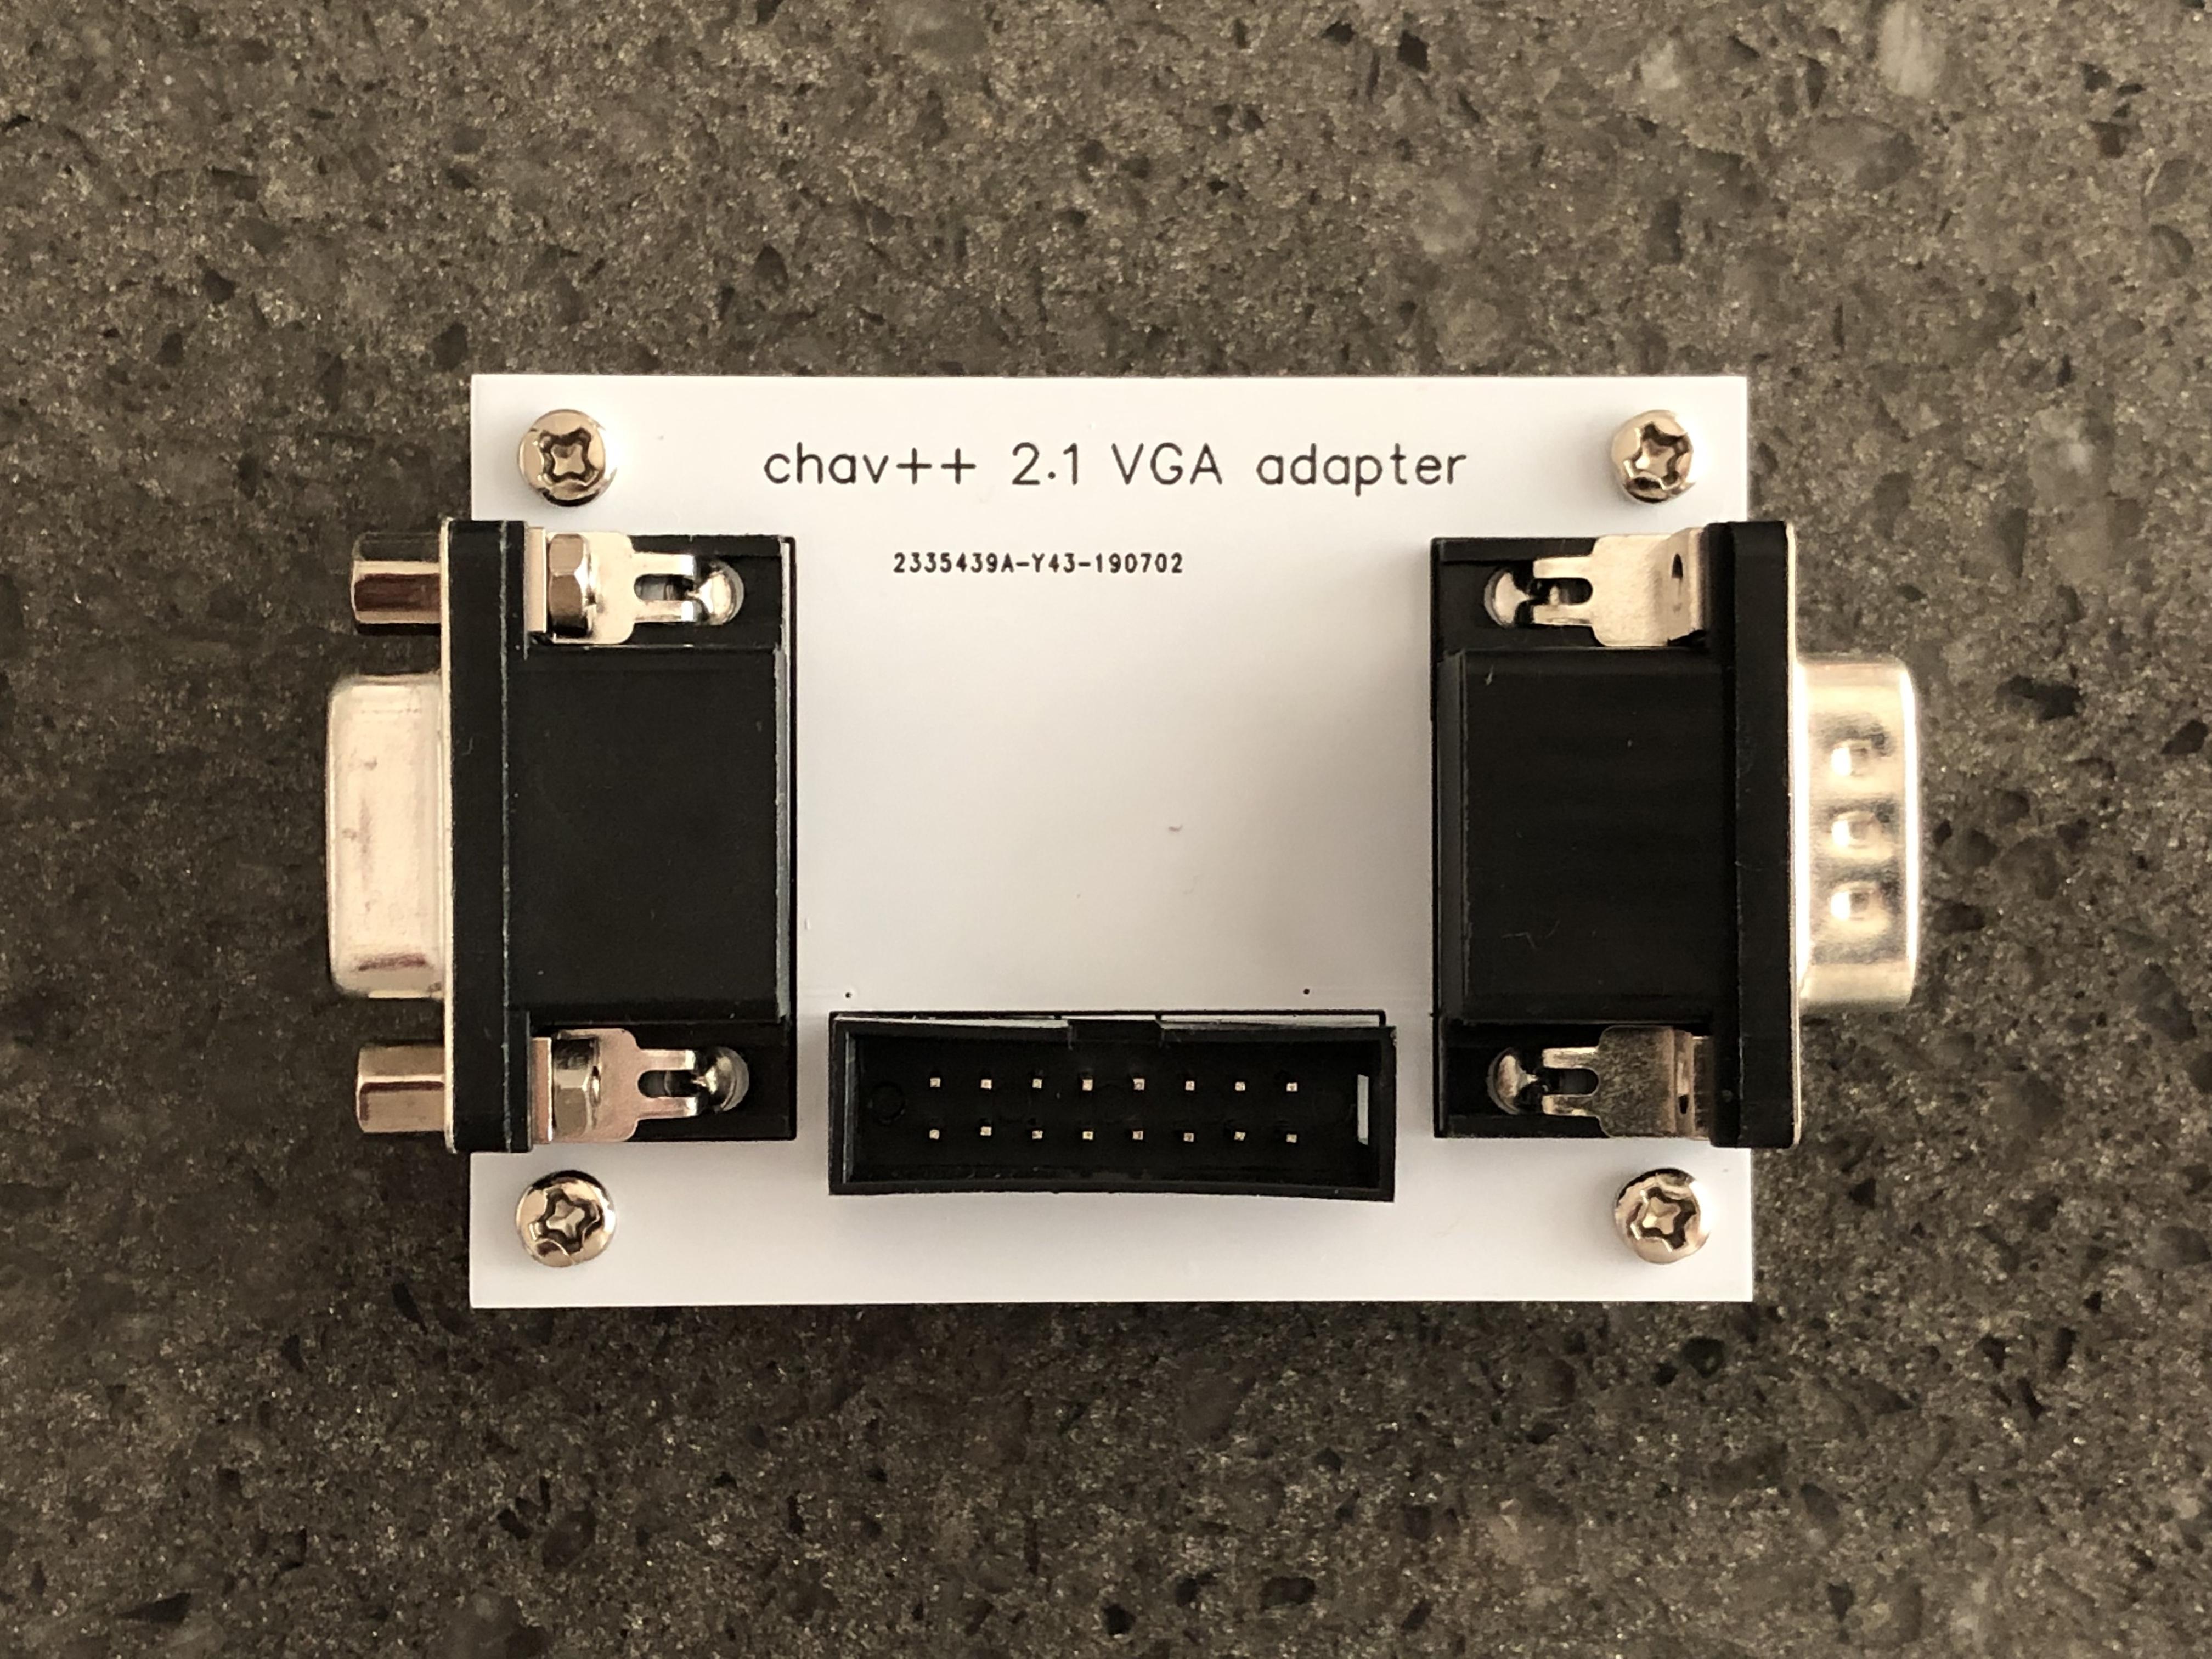 ec500 VGA adapter (prebuilt device)